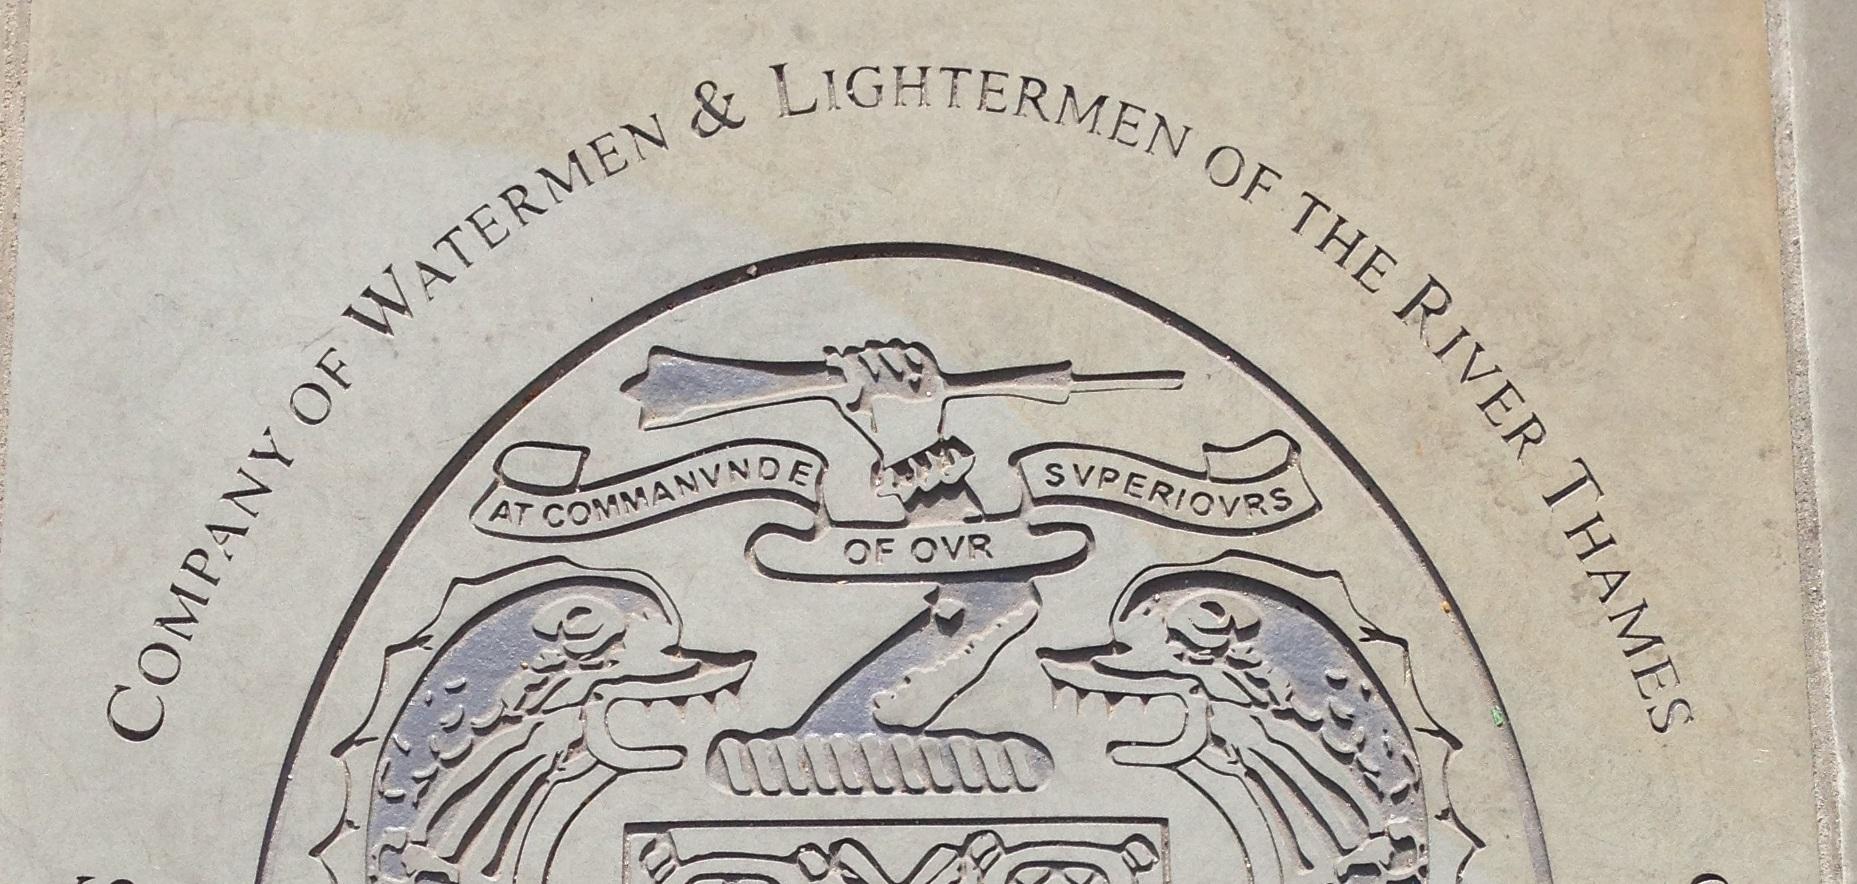 Watermen and Lightermen Plaque